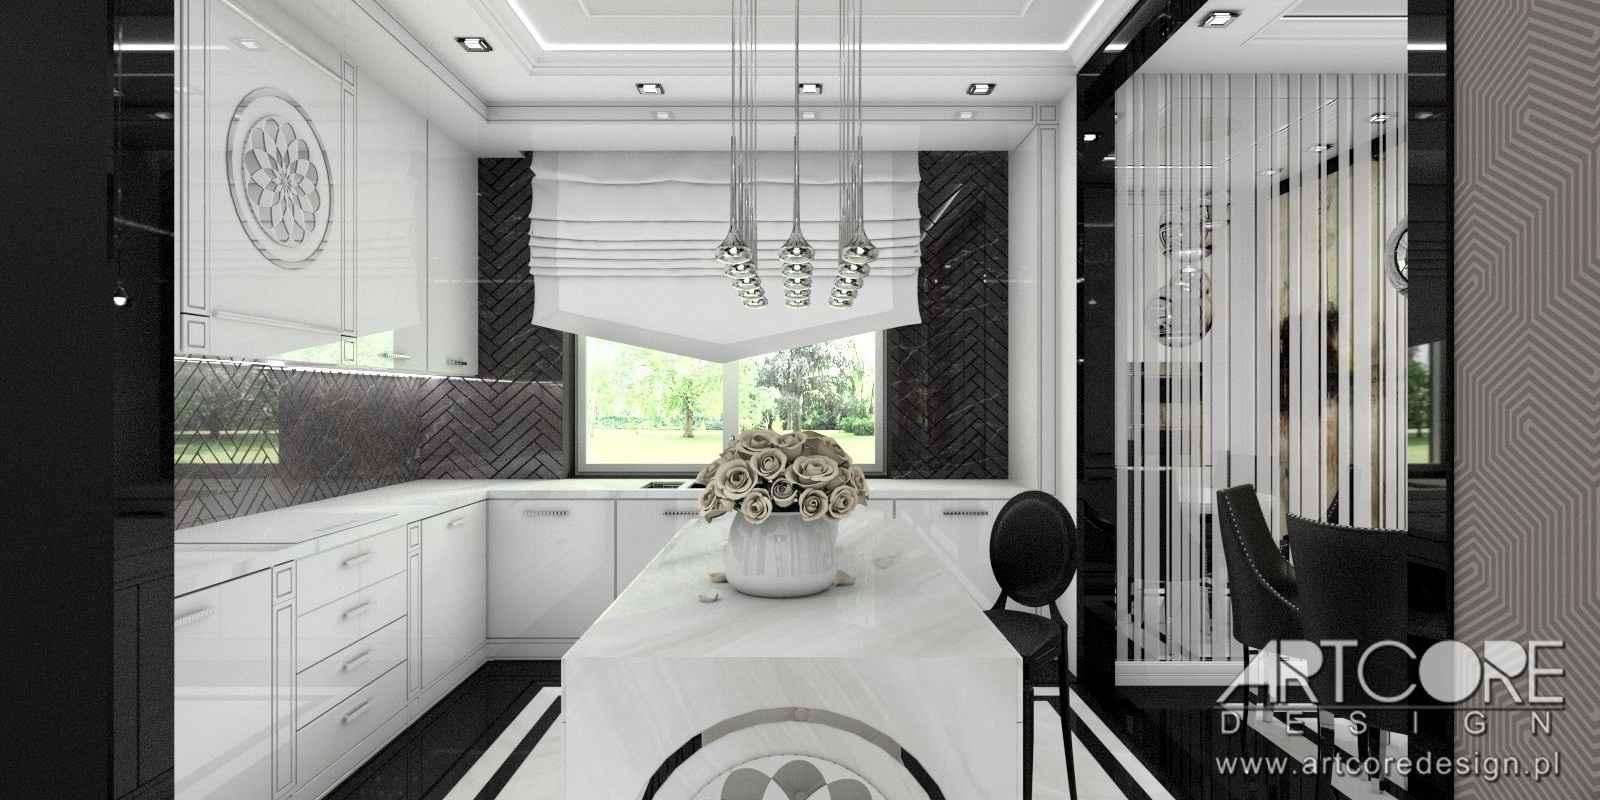 projektant wnętrz kraków czarno biała kuchnia